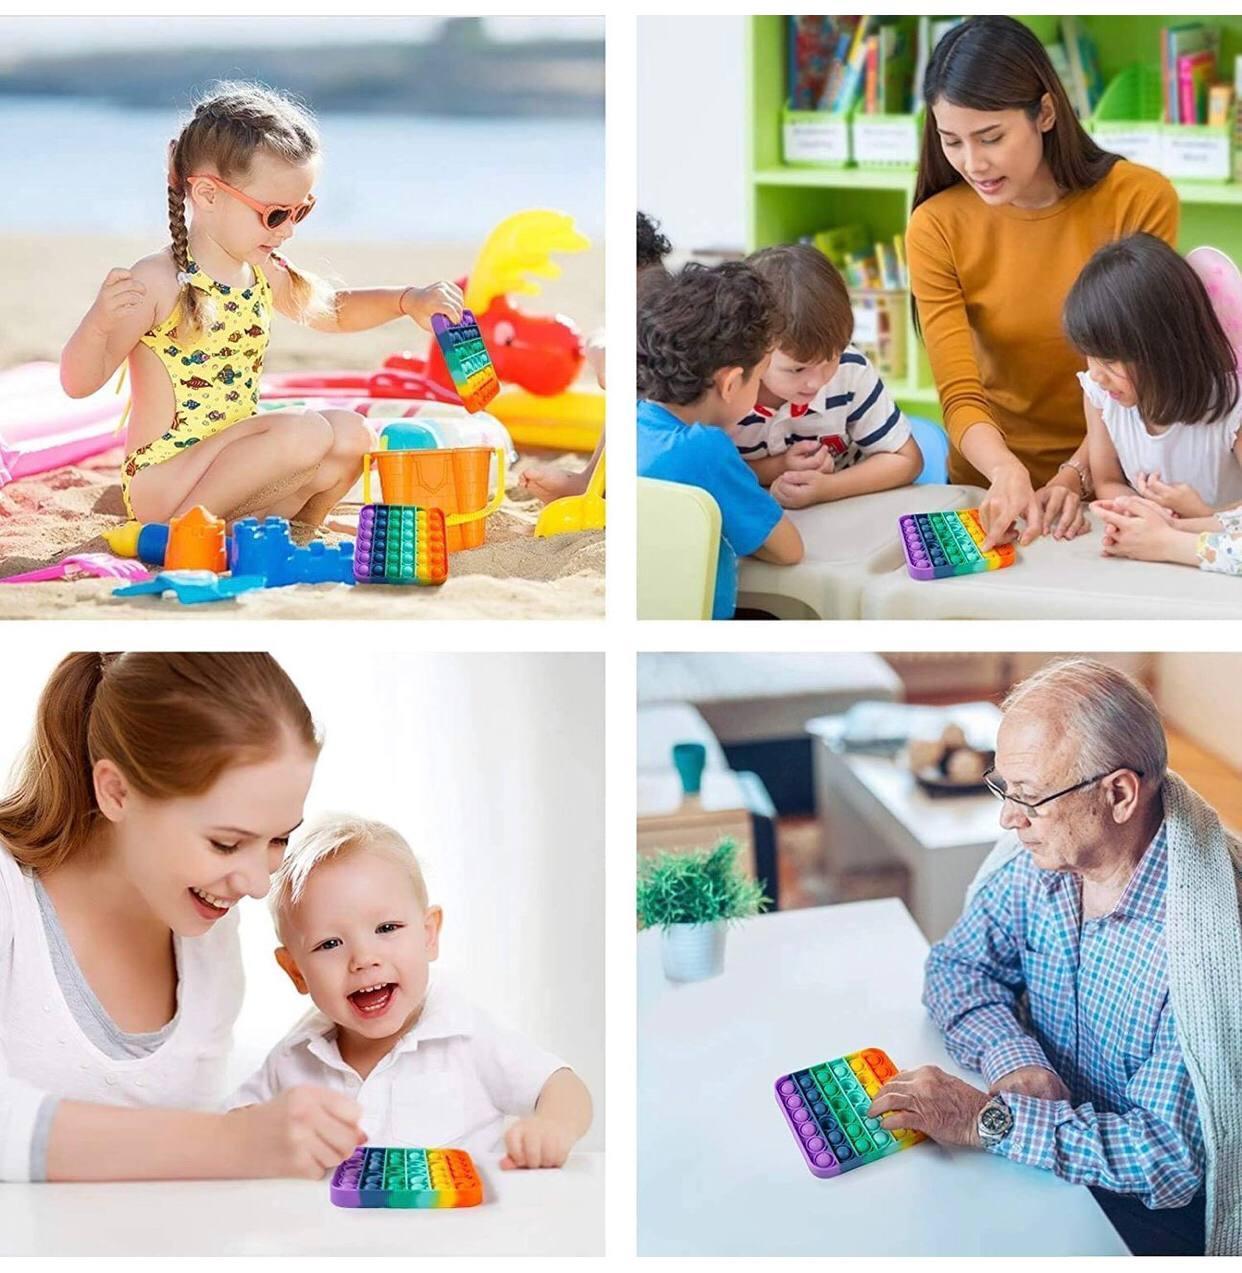 Детская игрушка антистресс Поп ит ЕДИНОРОГ радужный, Pop it антистресс, оригинальный подарок ребенку - фото 7